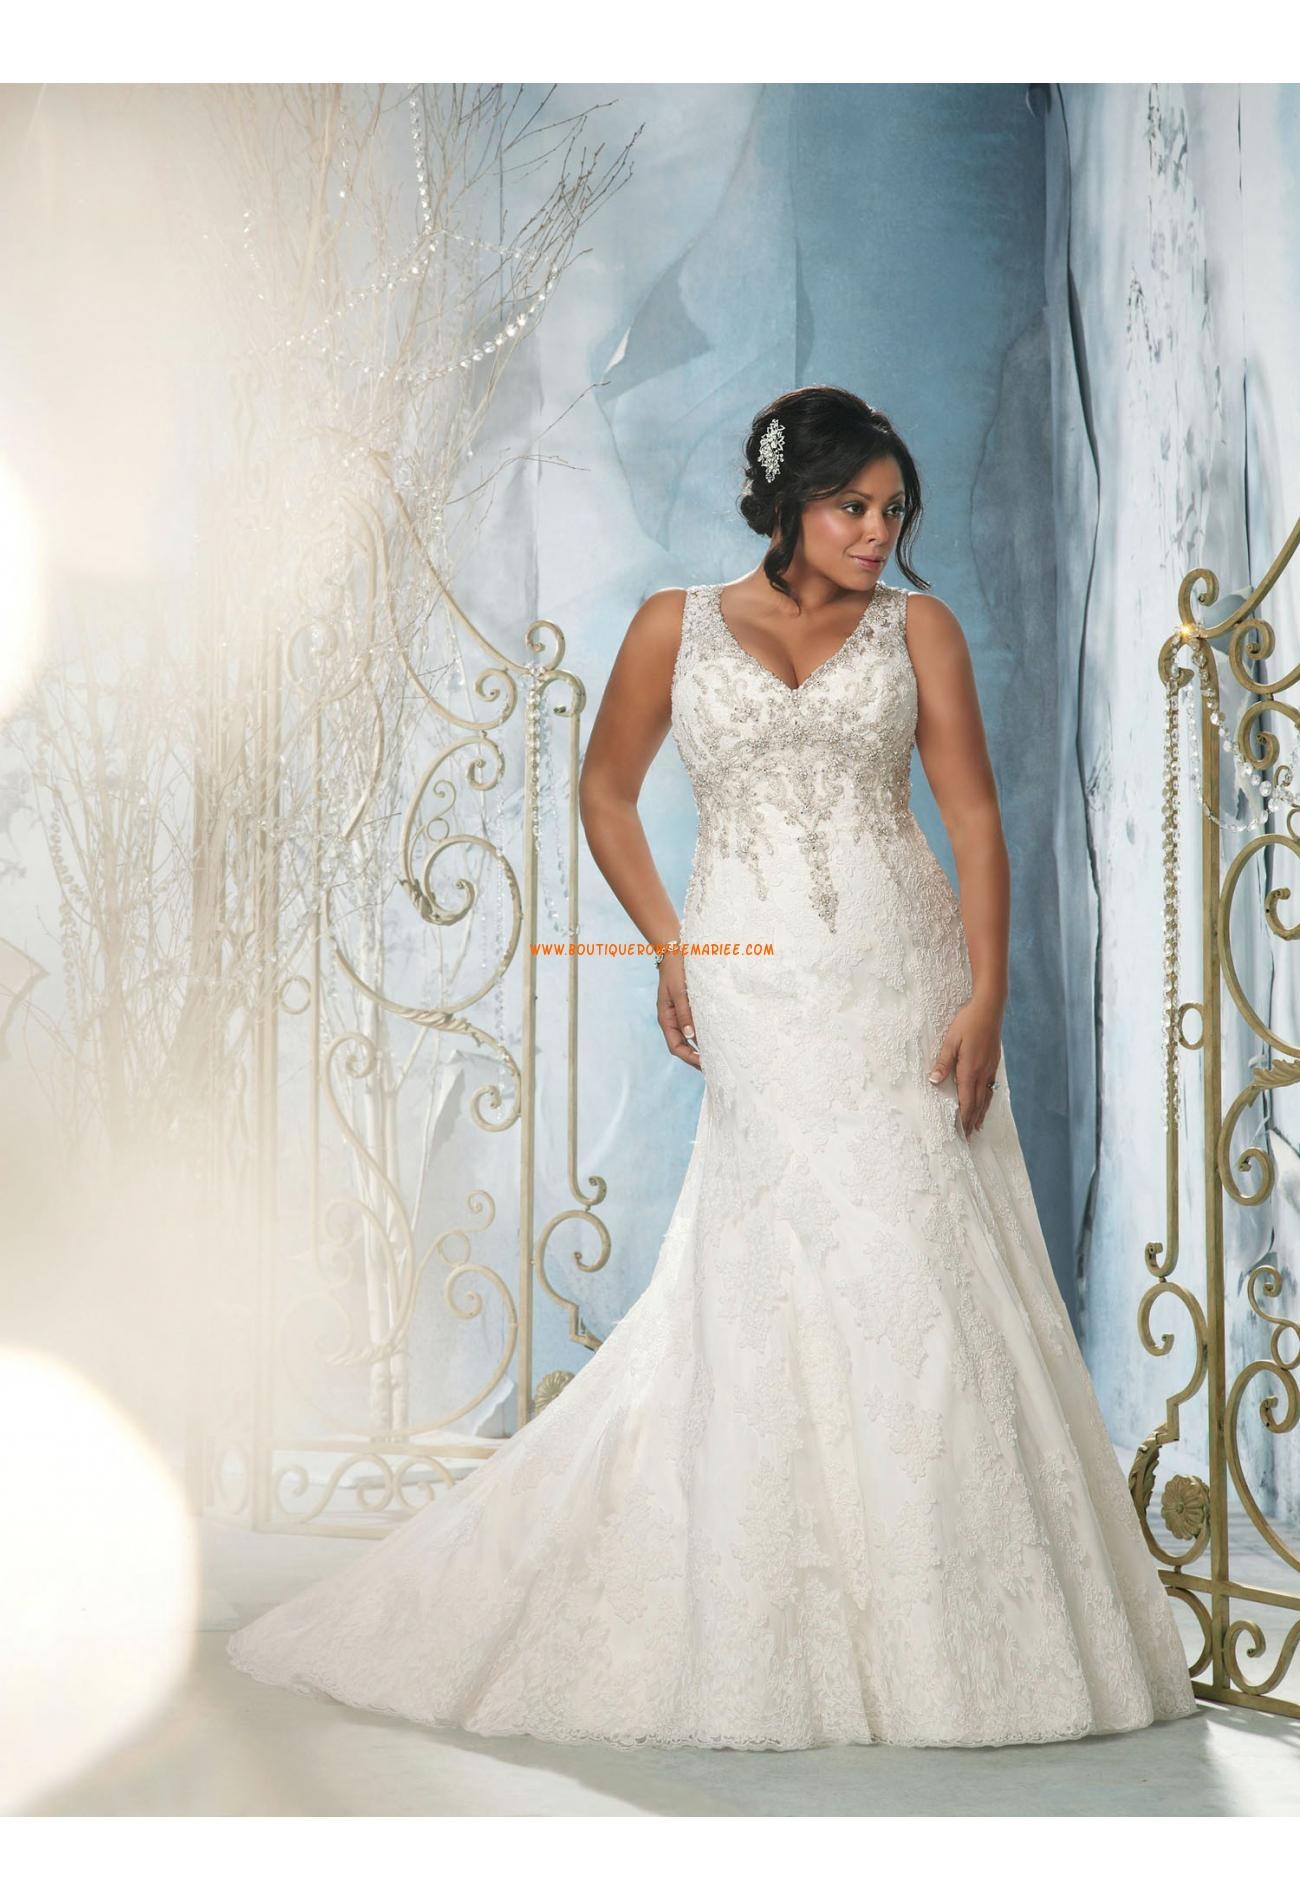 robe de mari e grande taille photos de robes. Black Bedroom Furniture Sets. Home Design Ideas